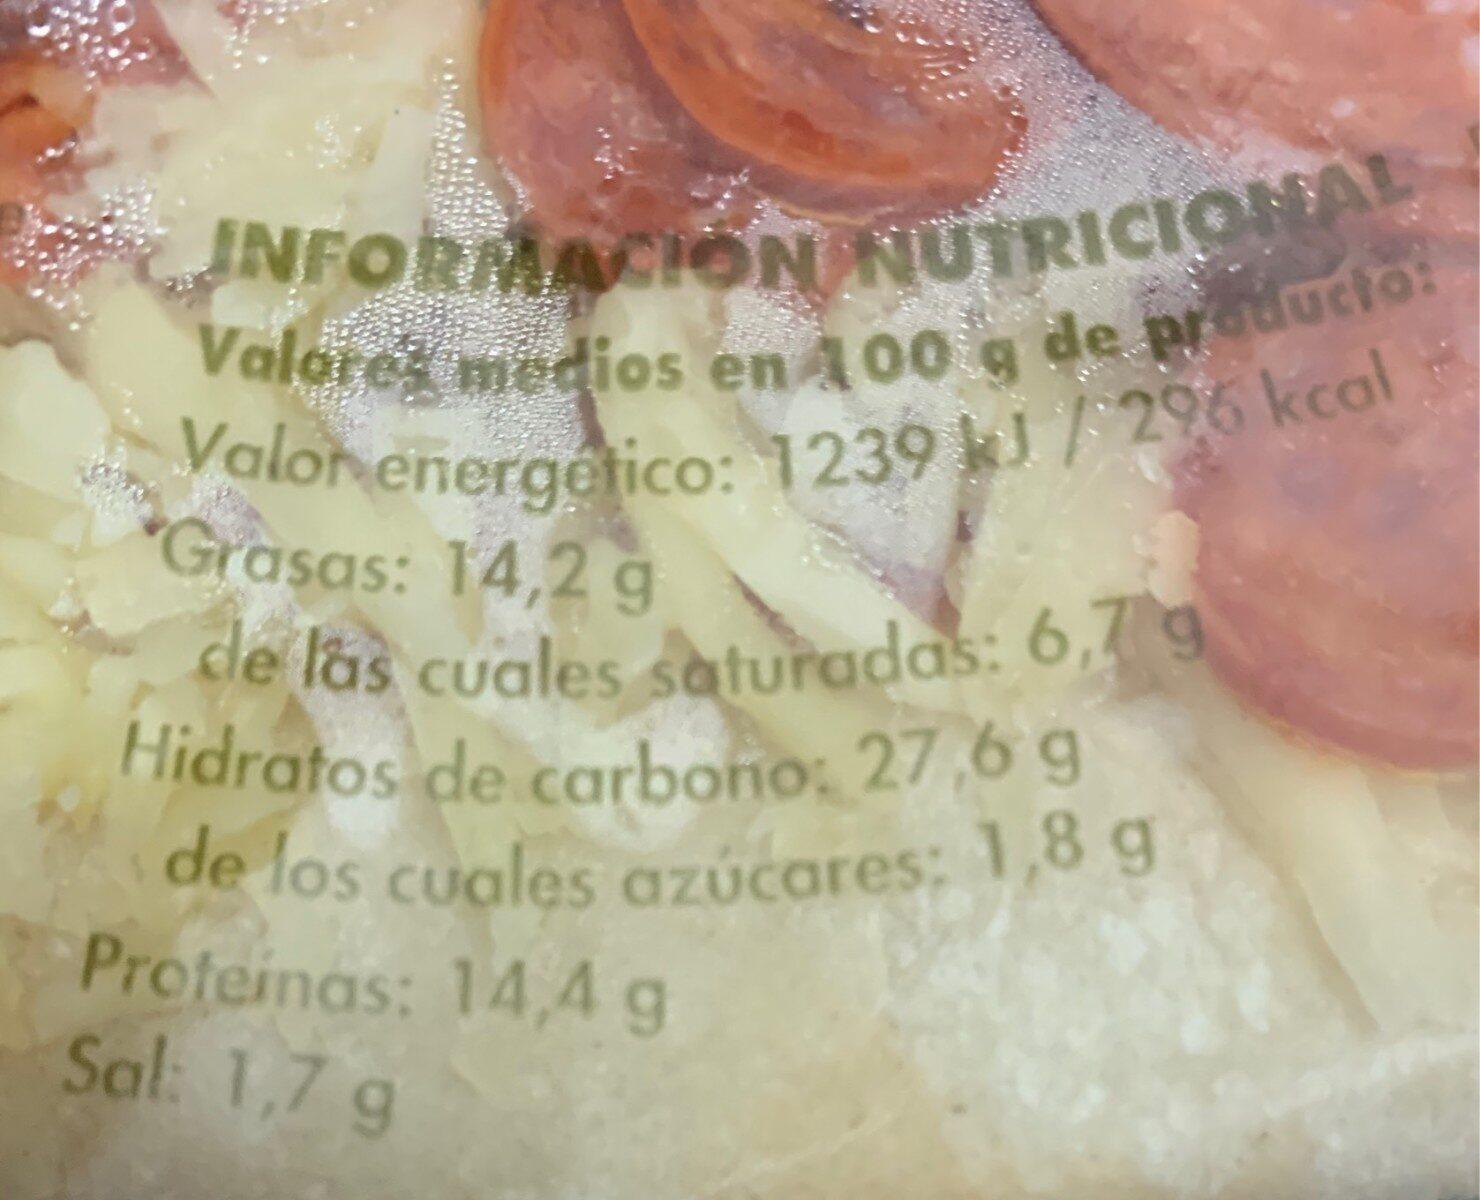 Pizza de pepperoni - Nutrition facts - fr